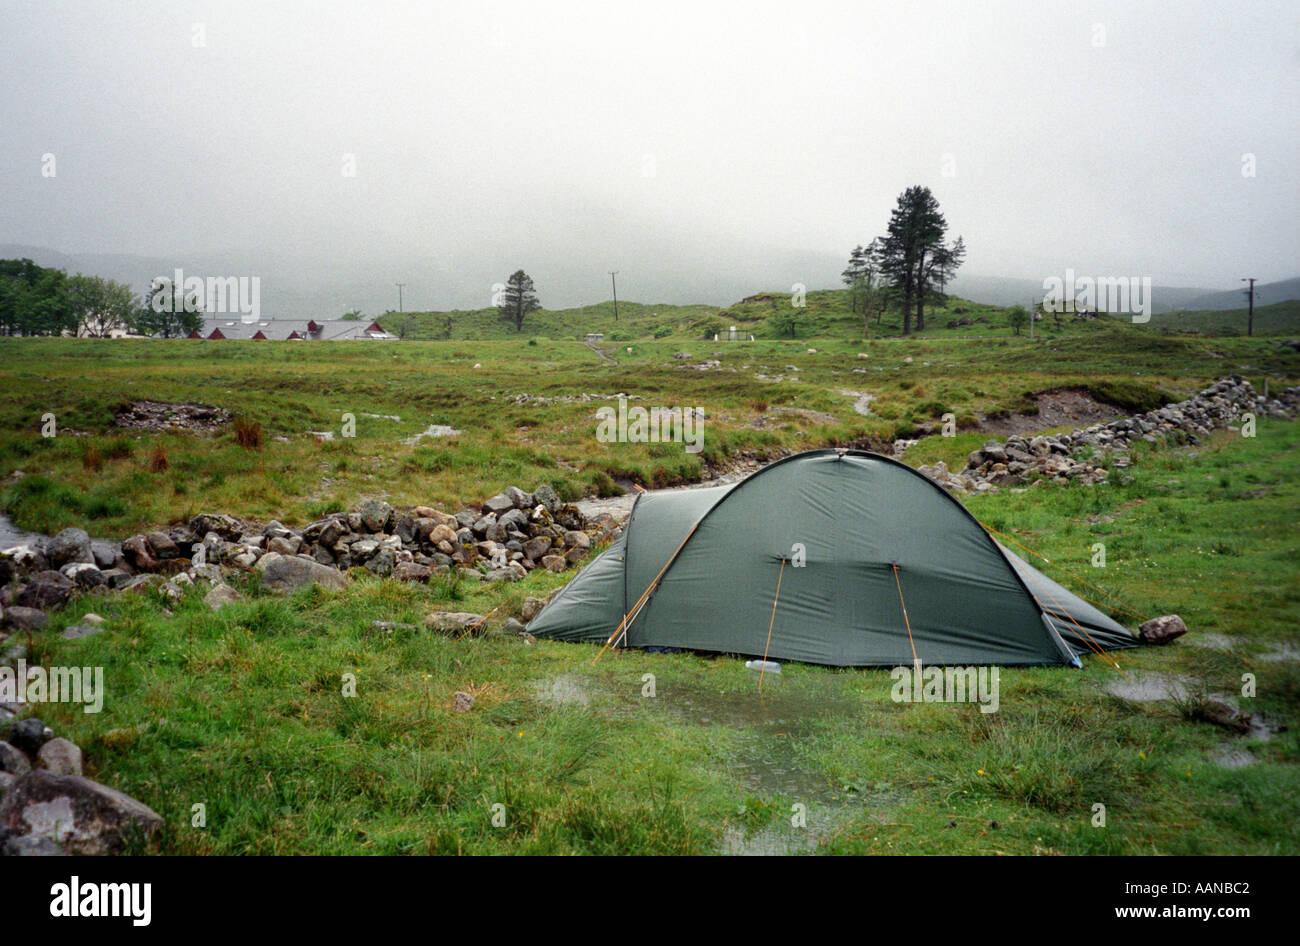 C&ing tent wet rain uk washed out c& & Camping tent wet rain uk washed out camp Stock Photo Royalty Free ...